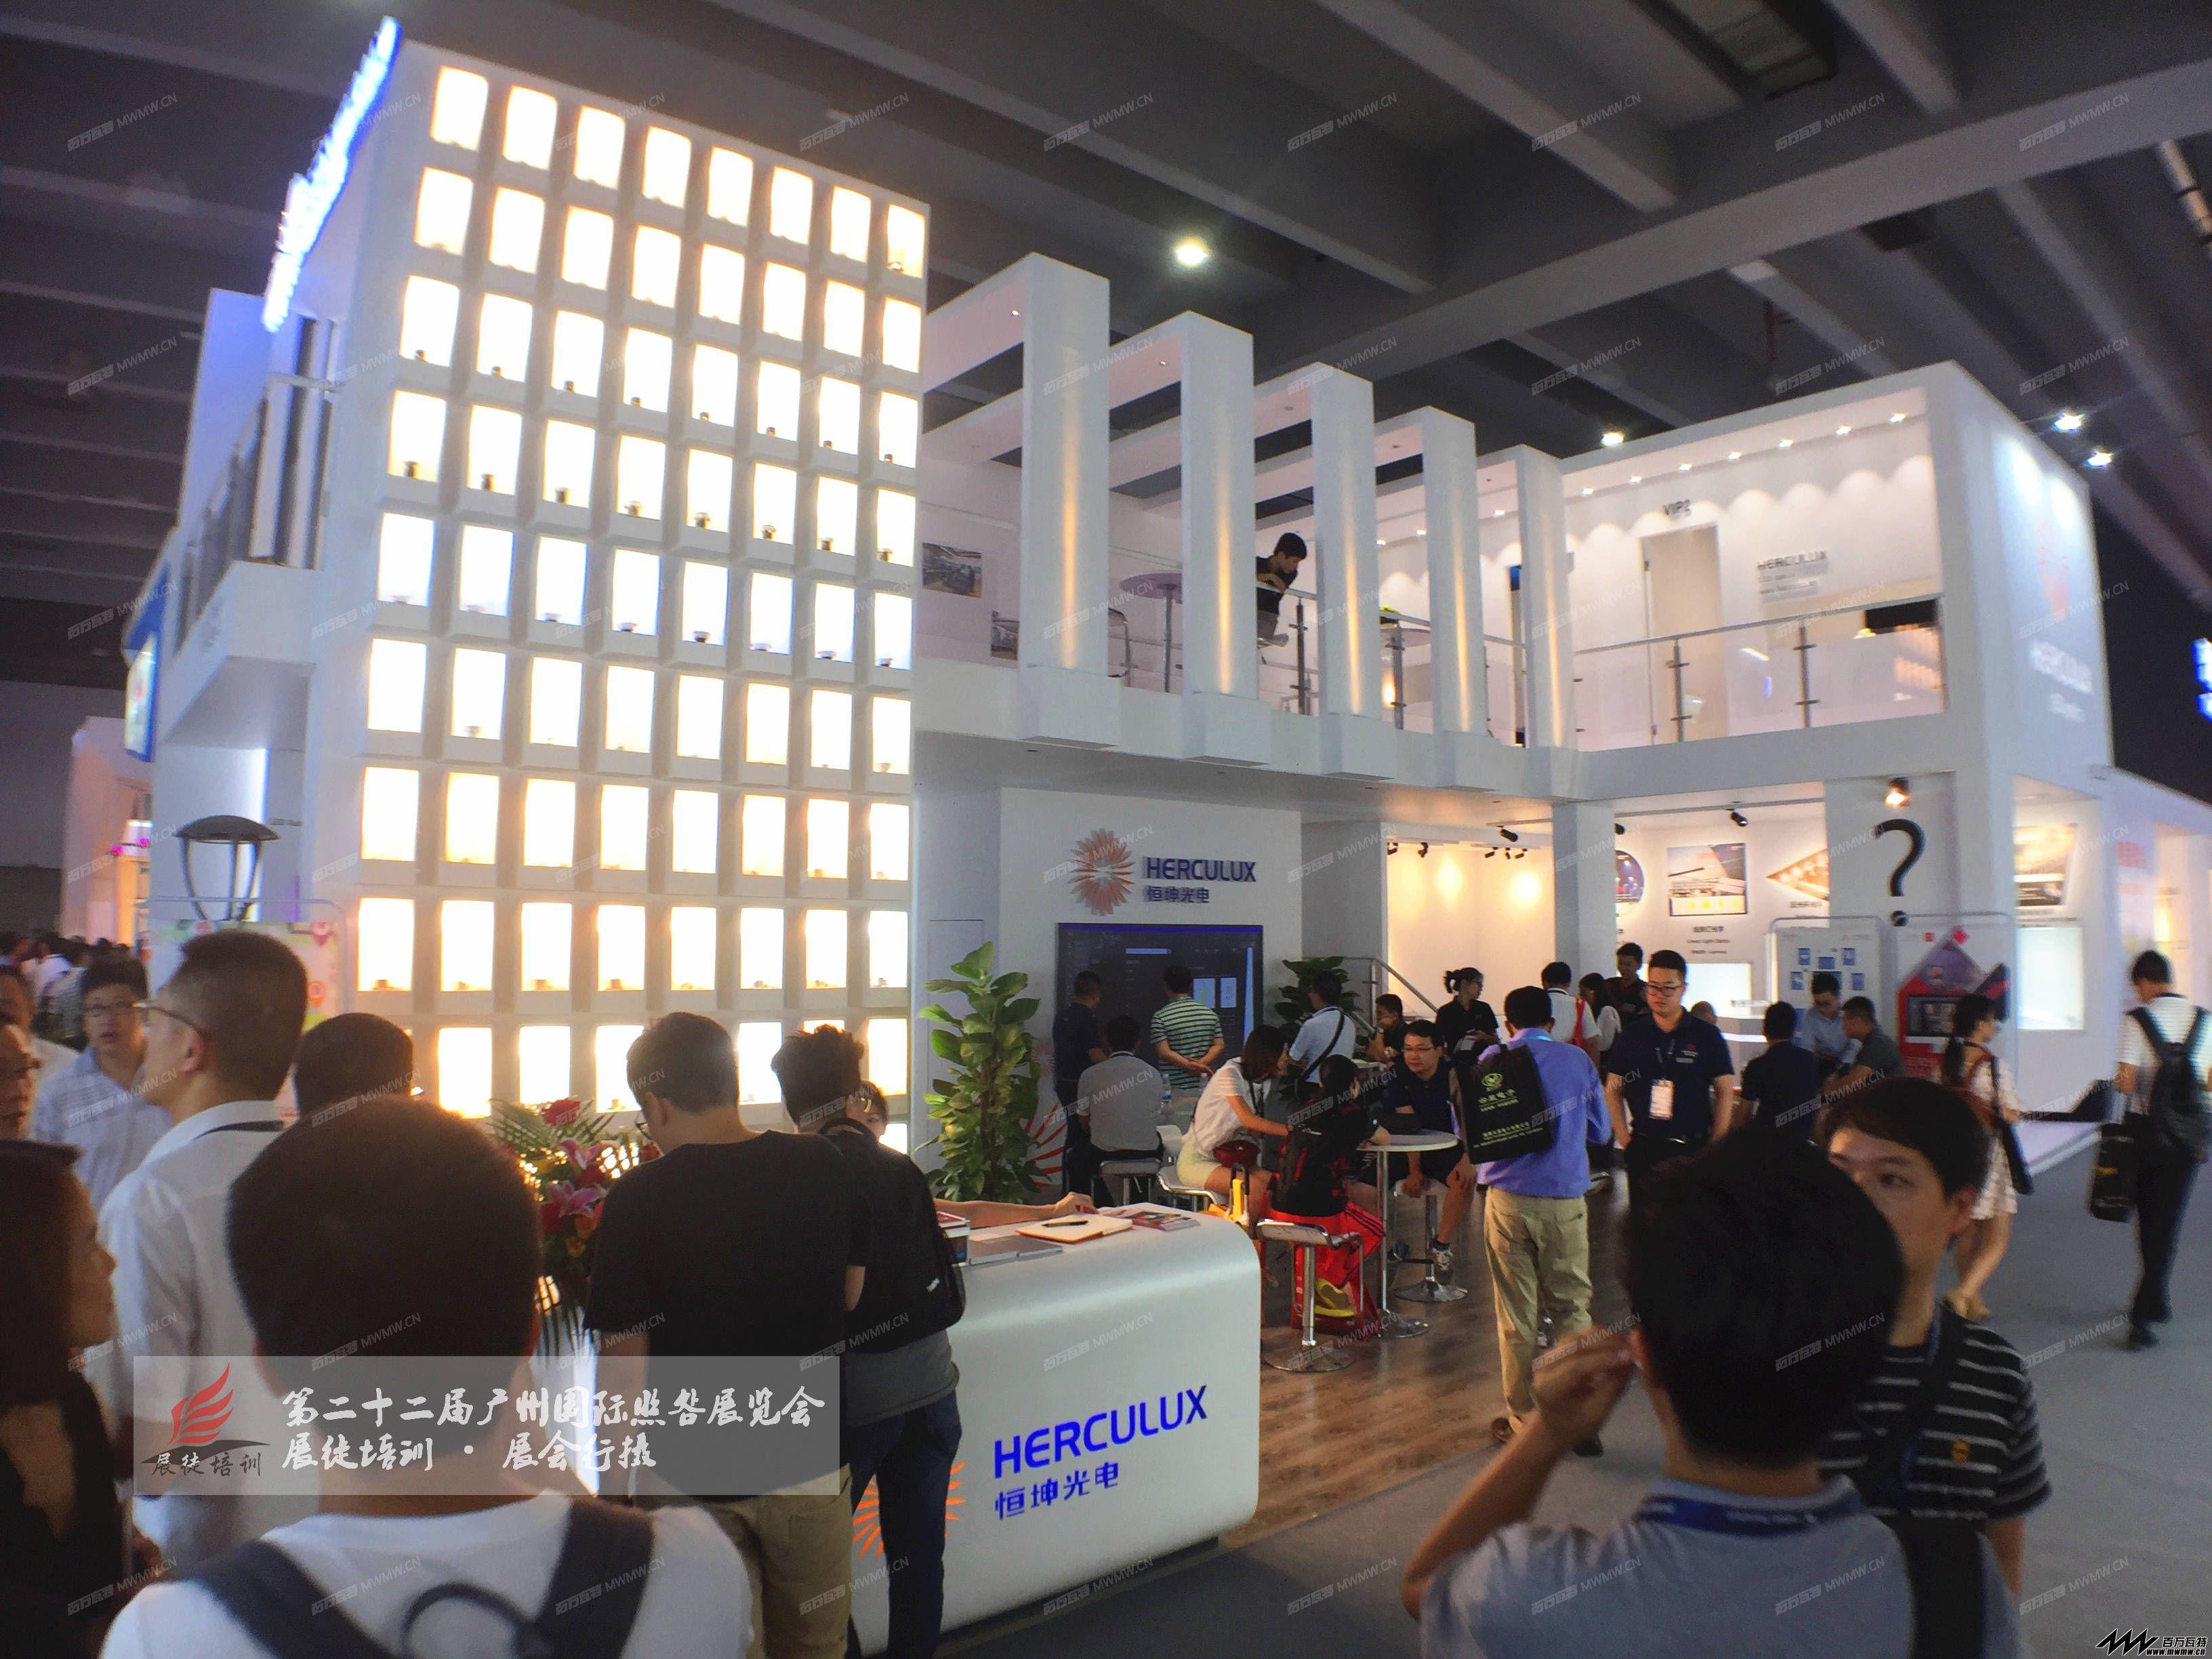 第二十二届广州国际照明展览会-展徒培训·展会行摄 (41).jpg